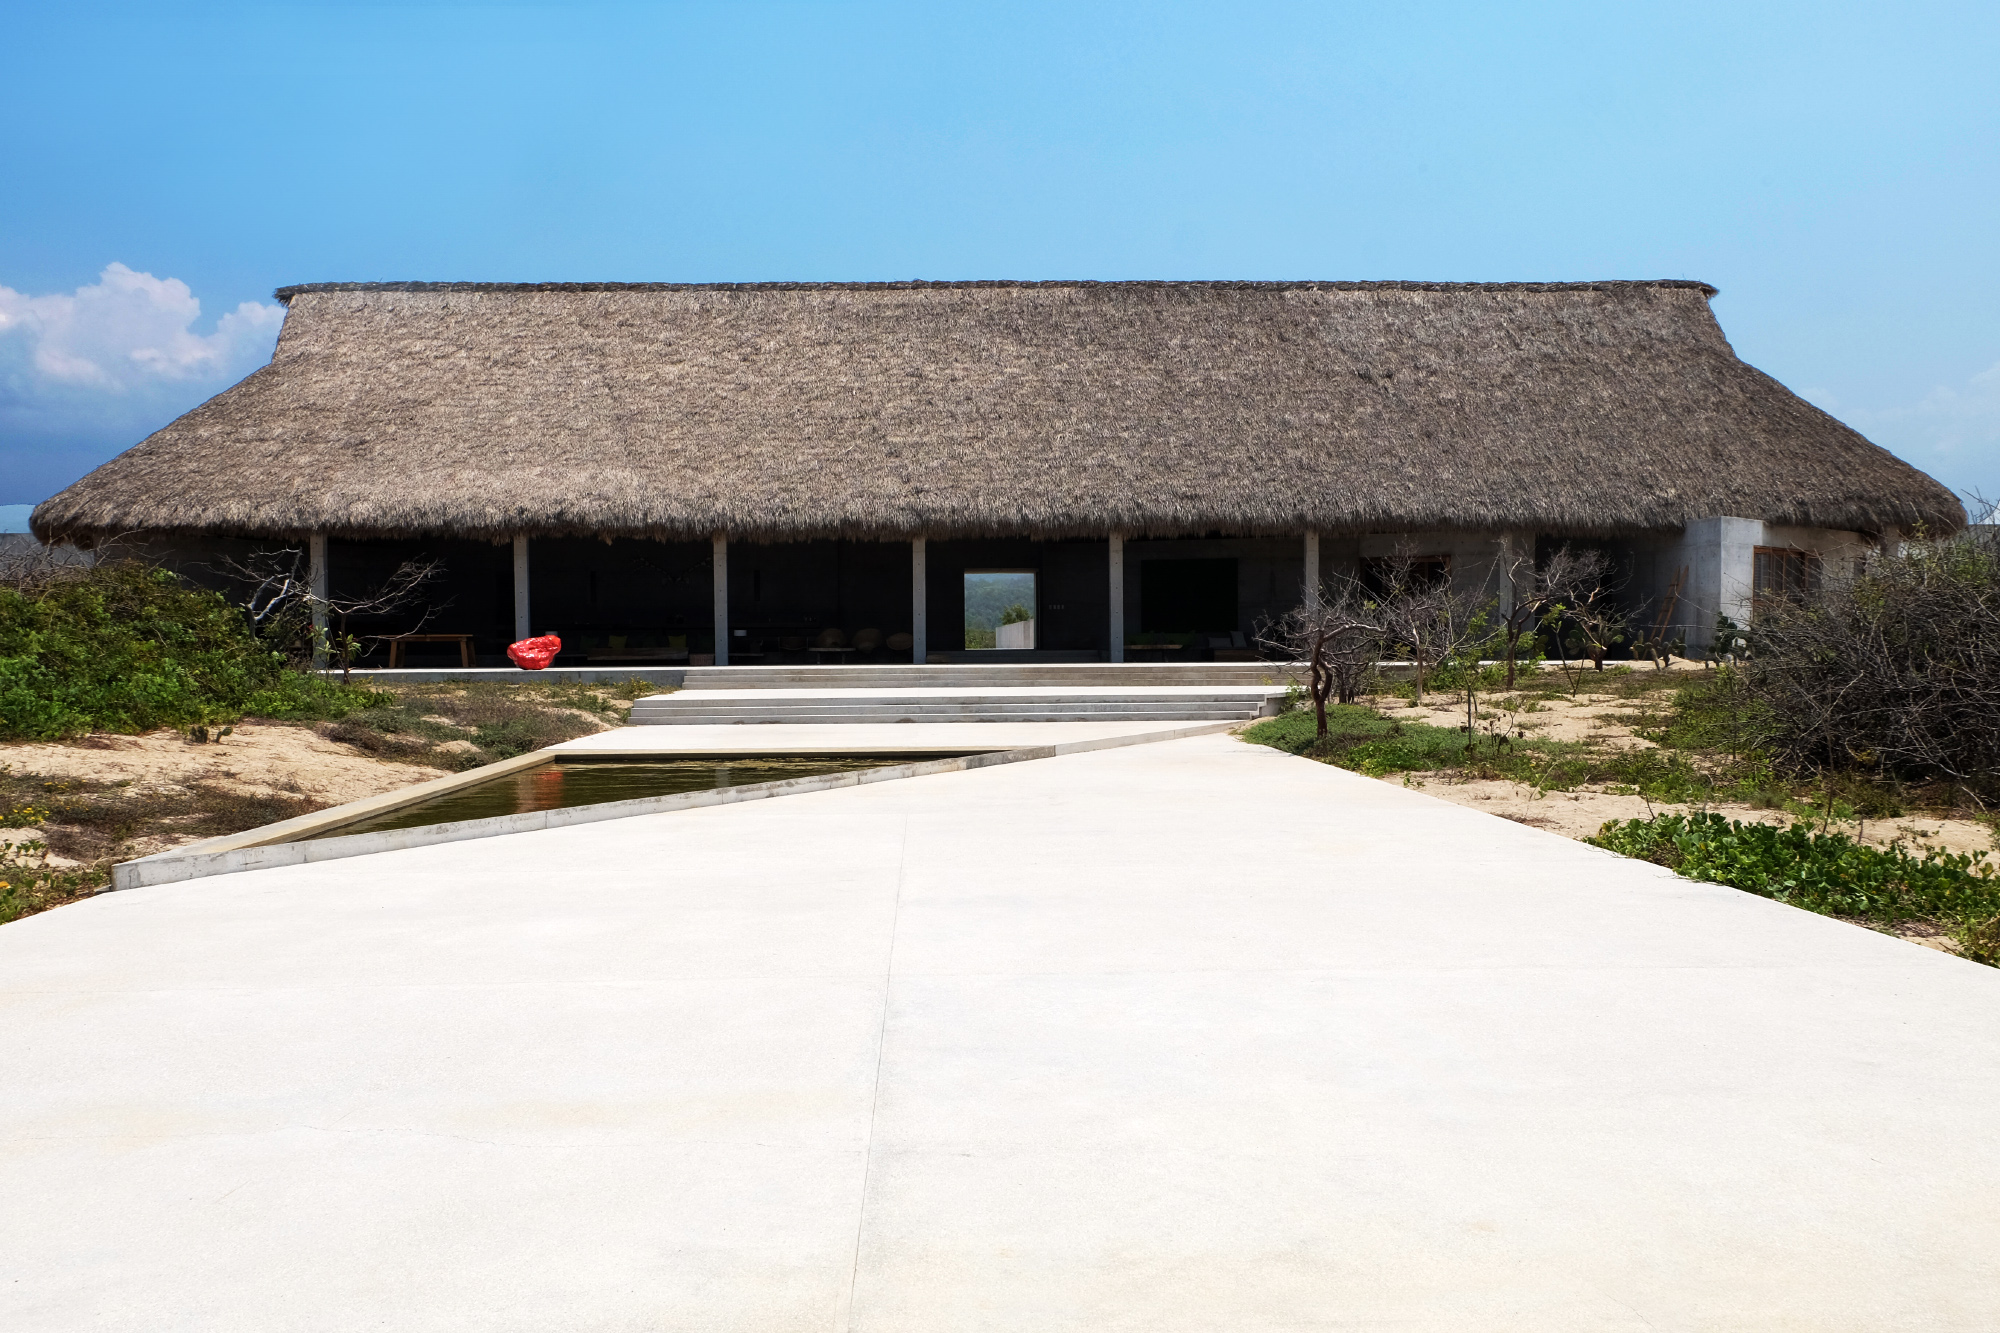 LATIN AMERICA: Casa Wabi - Puerto Escondido, Mexico